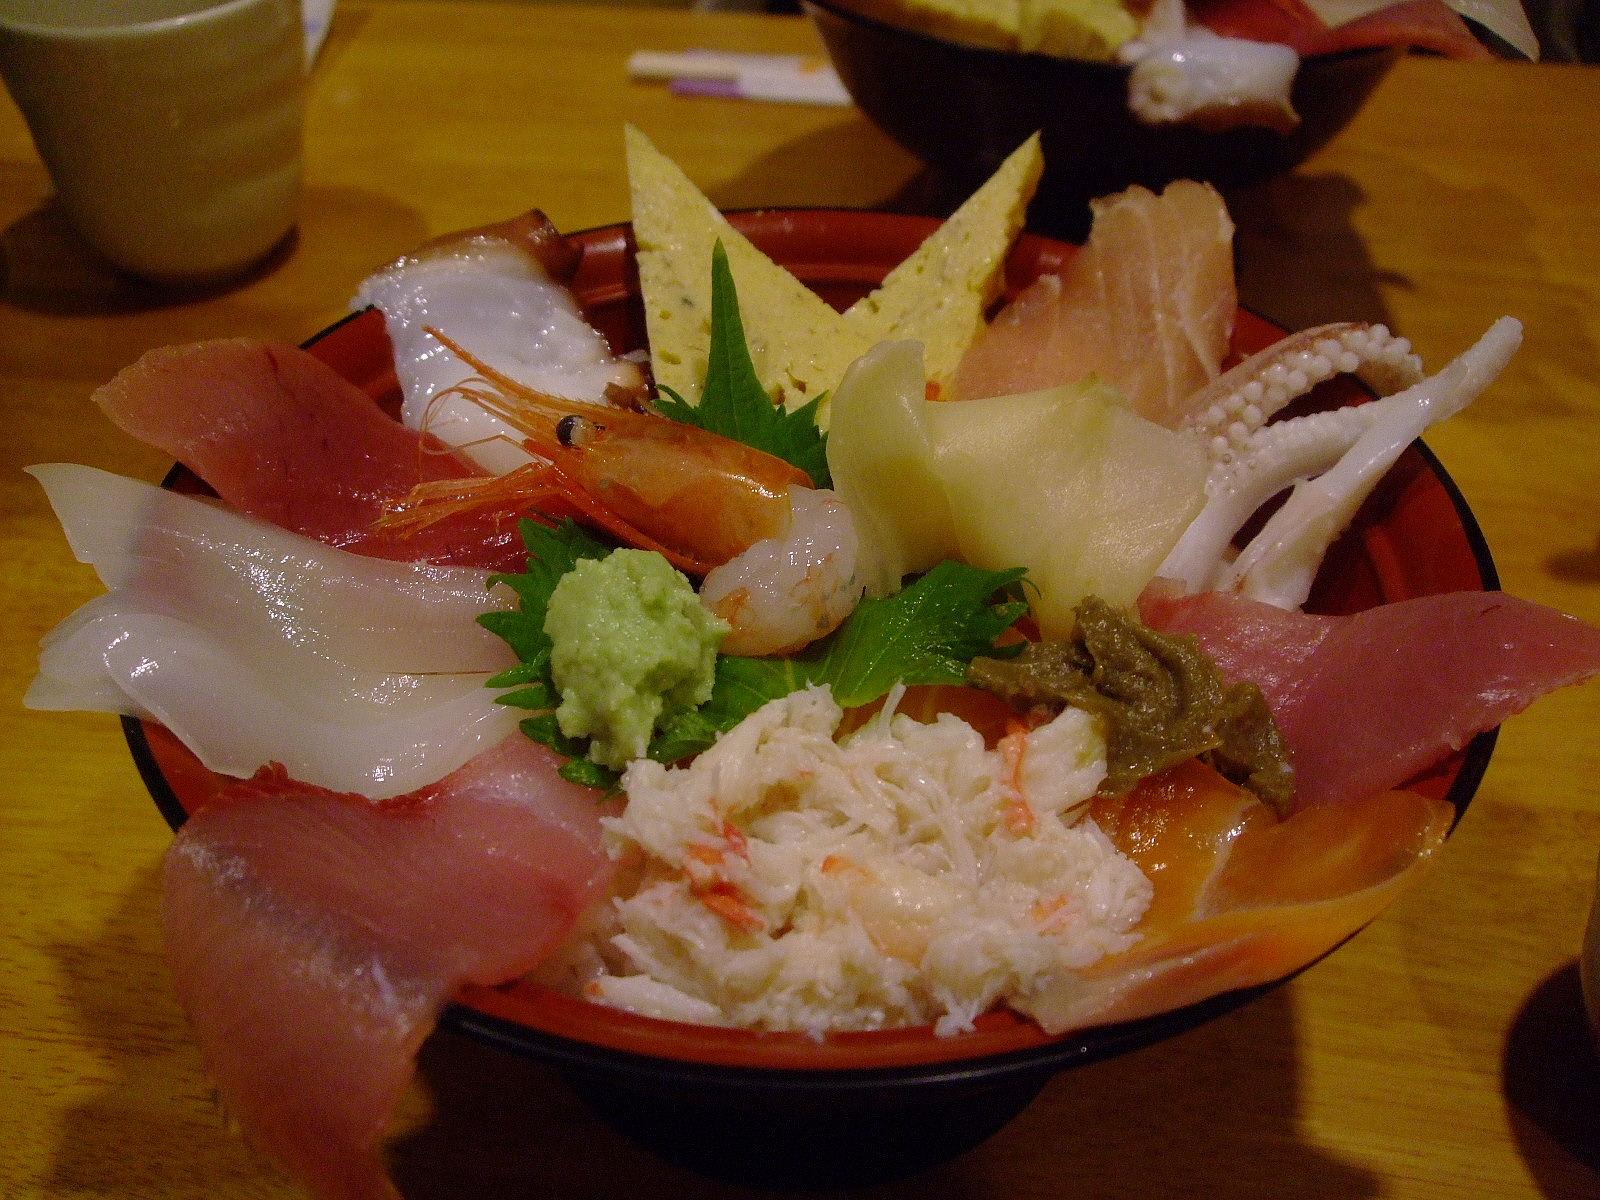 第1話 金沢はまず近江町市場で食し、石川県立美術館のカフェでのんびり_f0100593_16445735.jpg